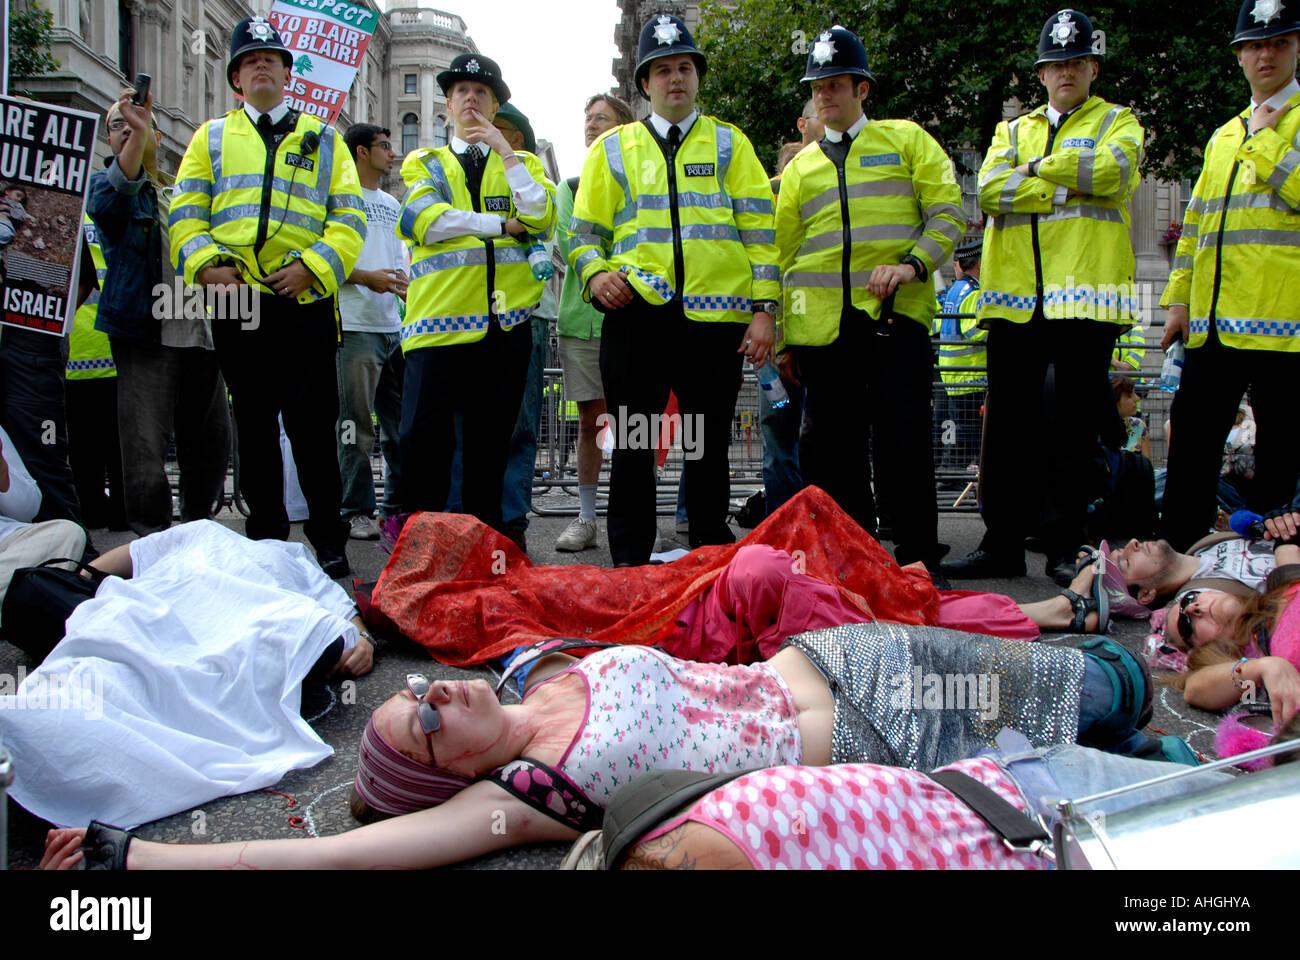 Acuéstese demostración Downing Street Whitehall Londres cuando 100.000 personas protestan ataque israelí contra el Líbano el 5 de agosto de 2006. Imagen De Stock